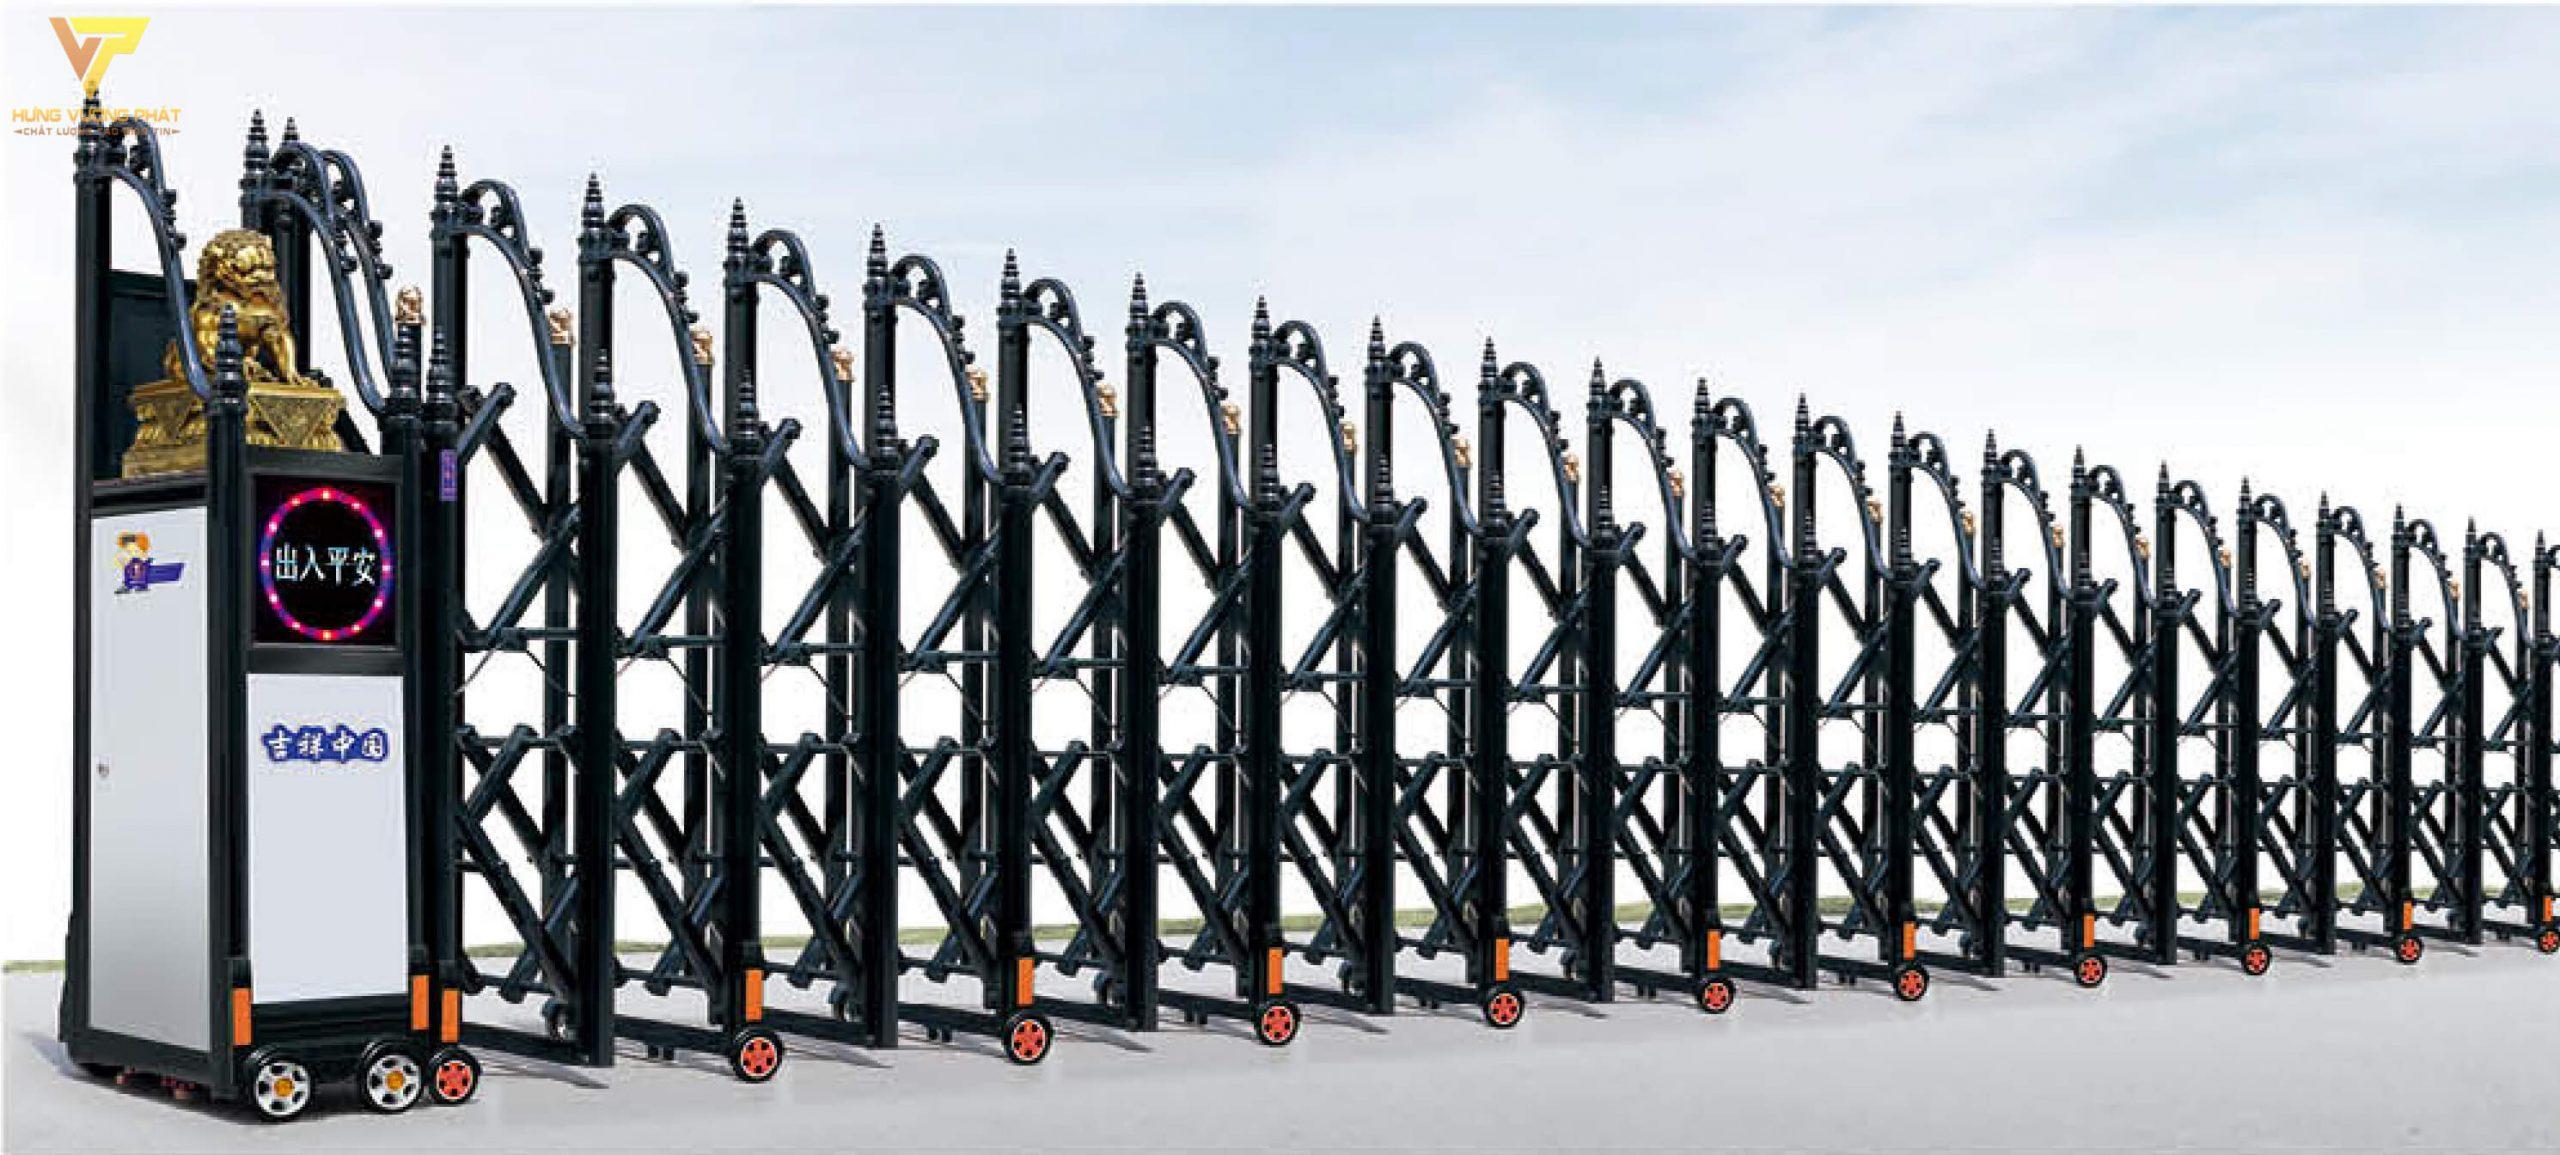 Cổng xếp hợp kim nhôm chạy điện tự động HN51